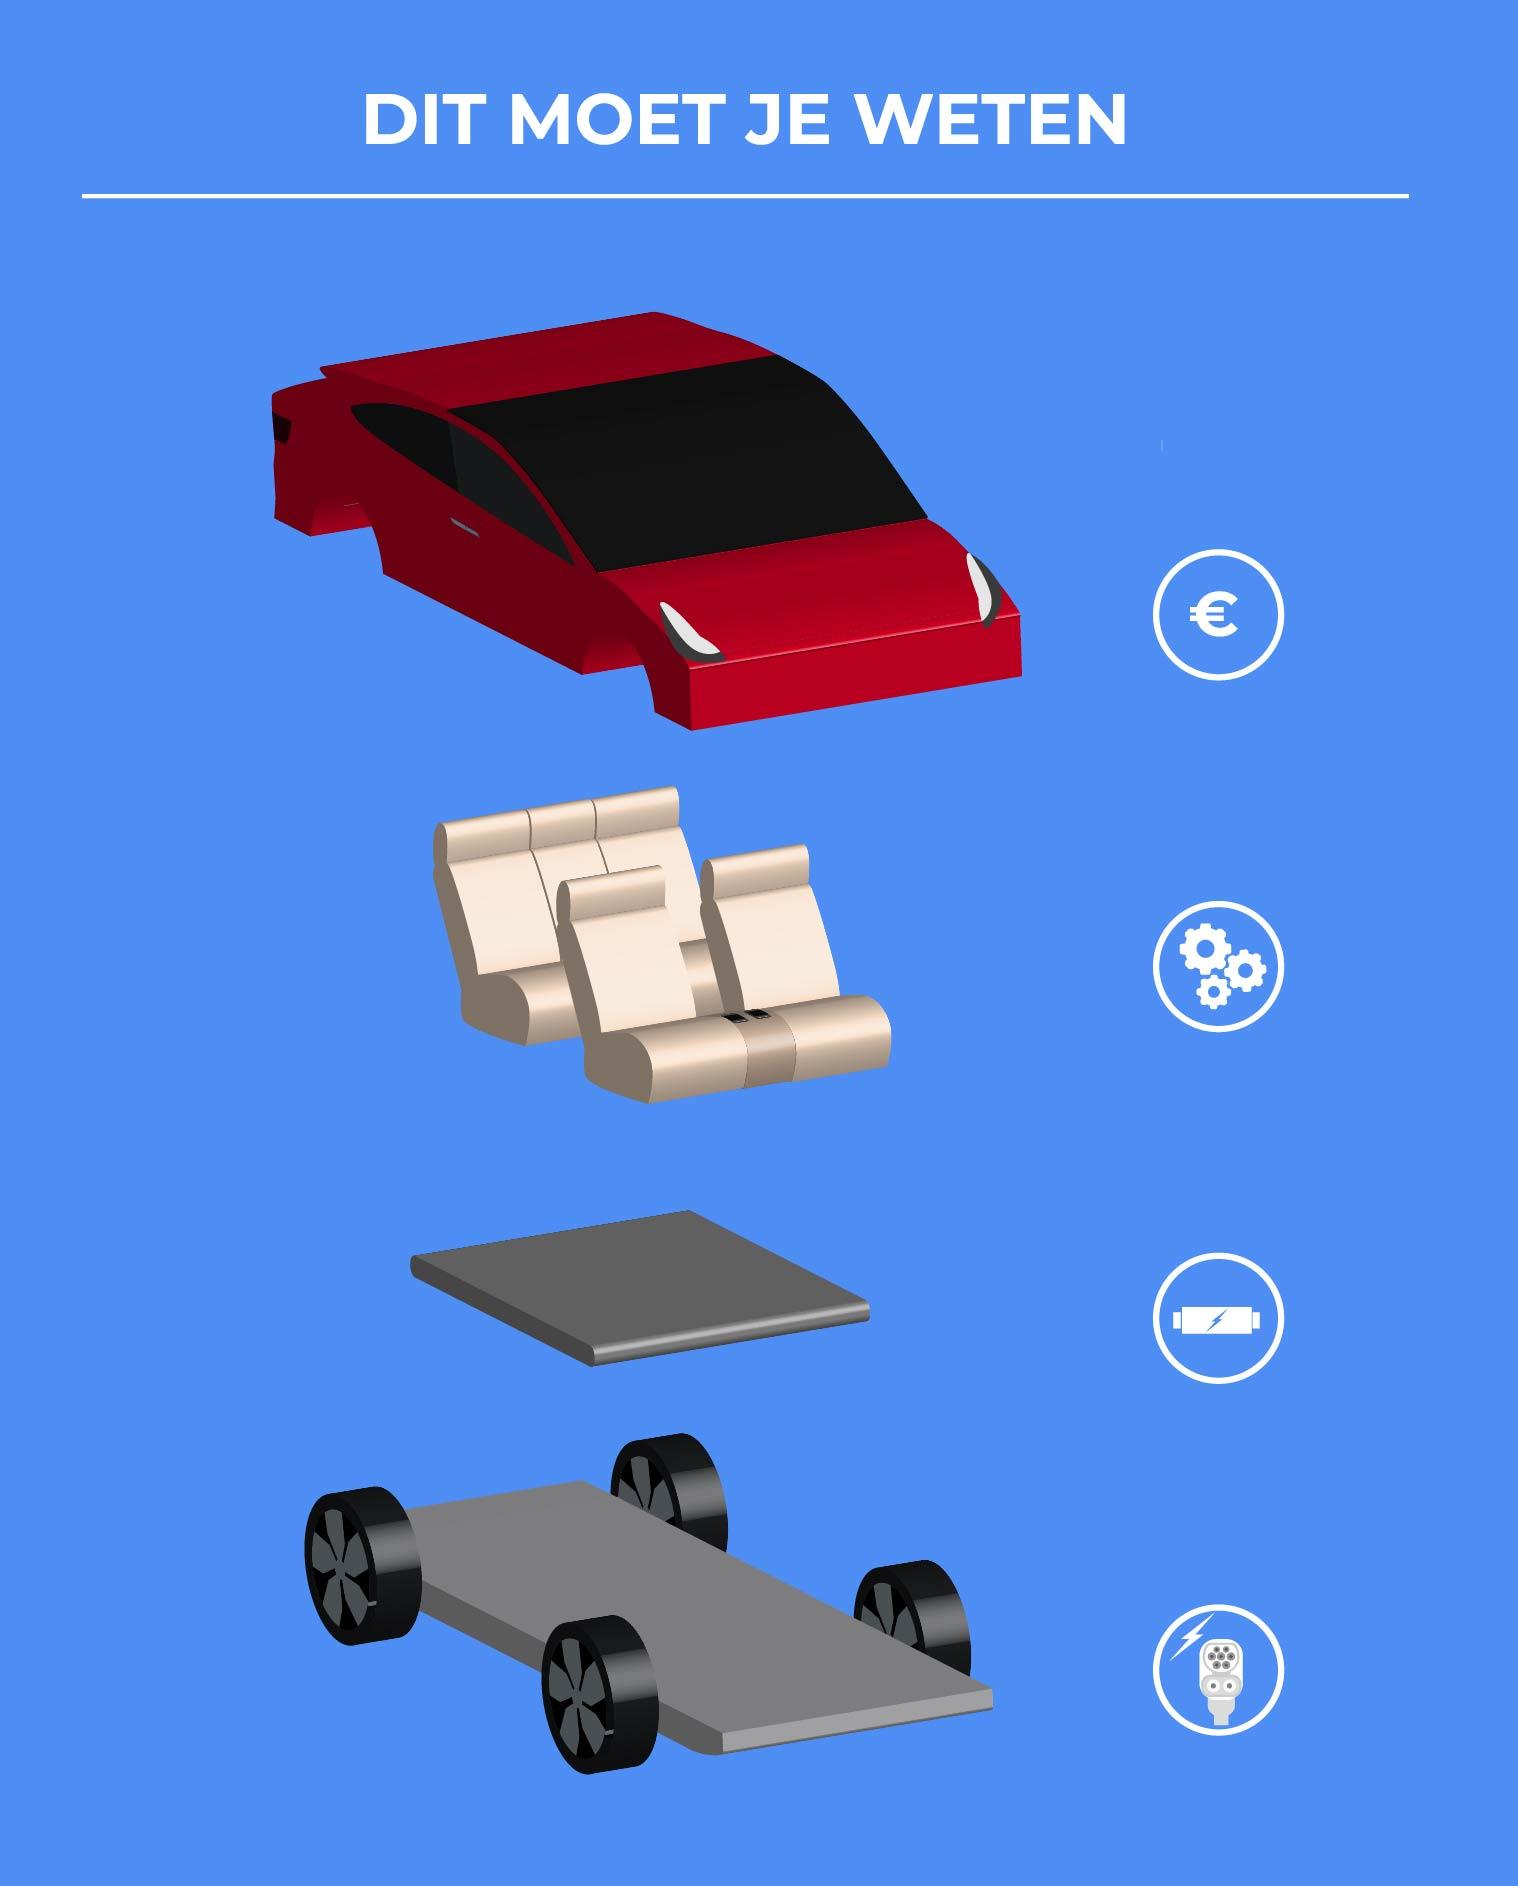 Tweedehands Elektrische Auto 9 Cruciale Tips Mountox